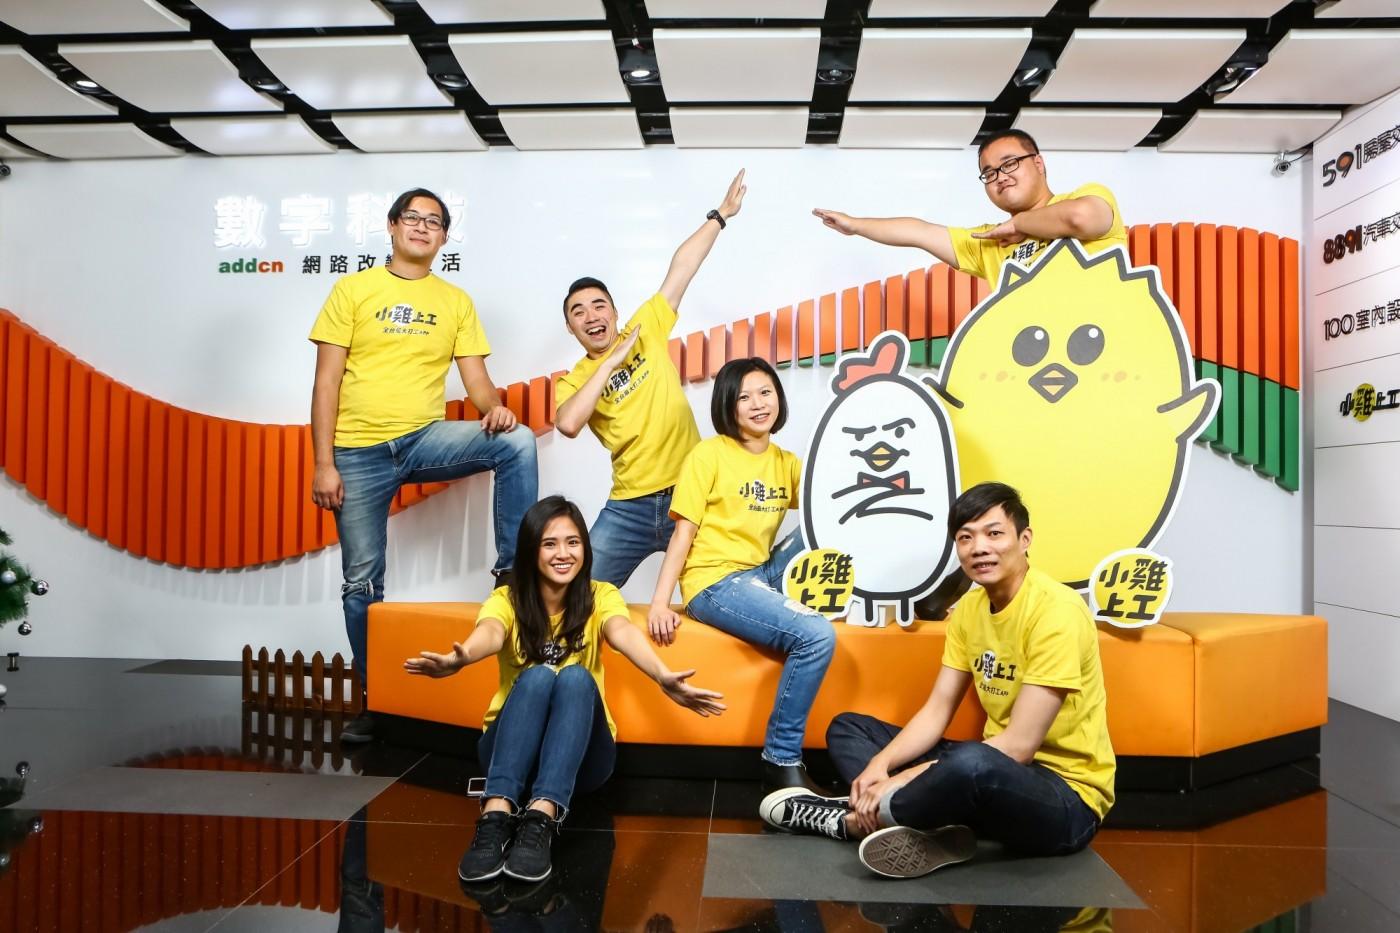 亞洲唯一獲選Google年度大獎人力類App!小雞上工如何讓雇主和學生超有感,飆出200萬下載量?